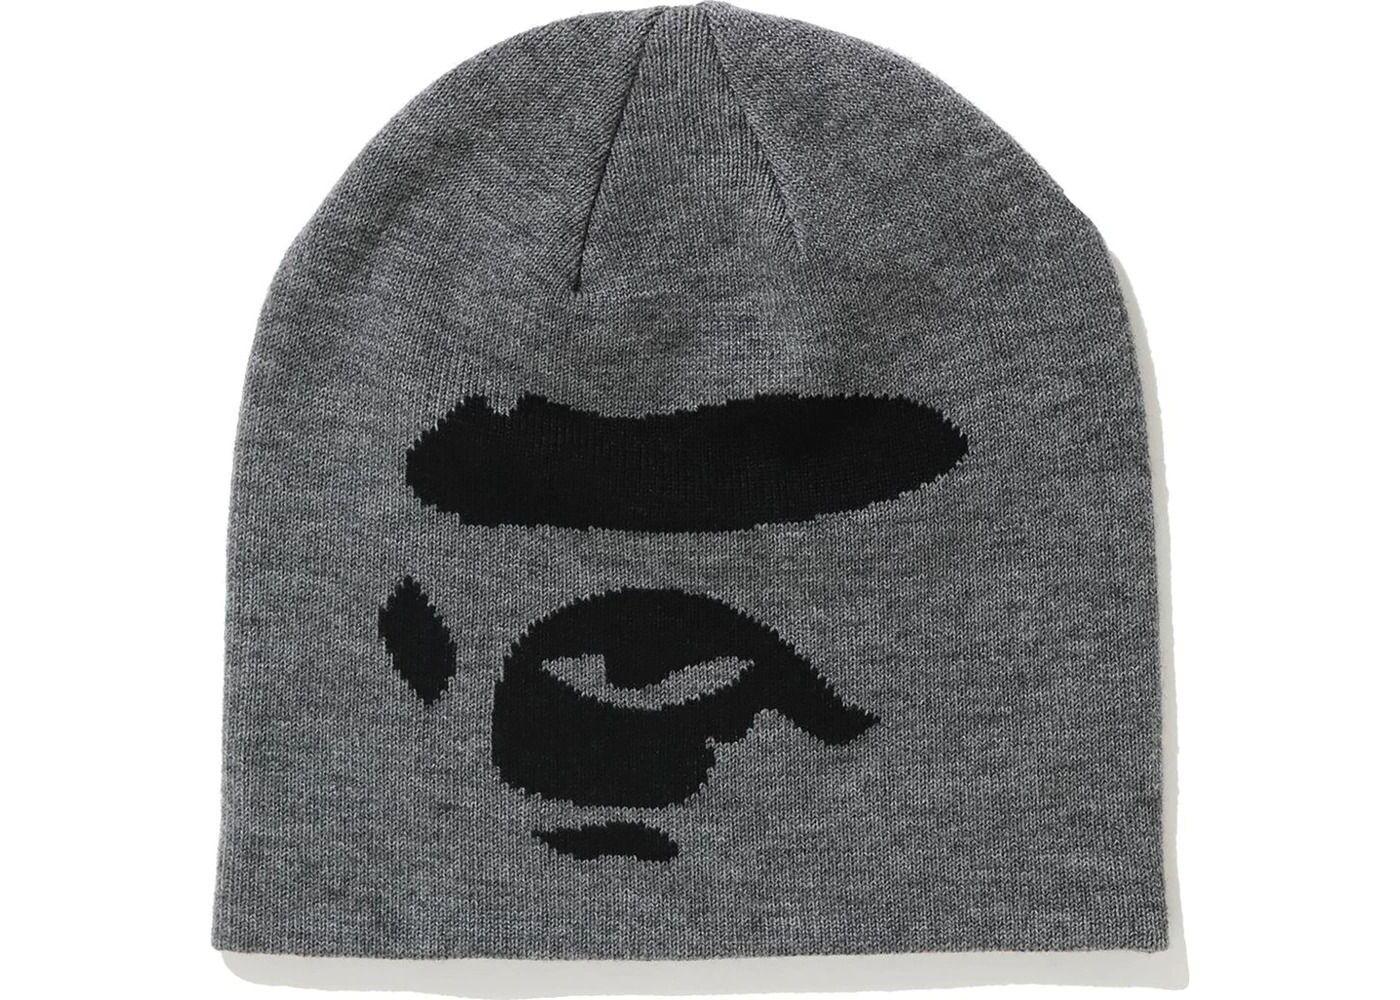 Bape Ape Face Knit Cap Grey (FW20)の写真